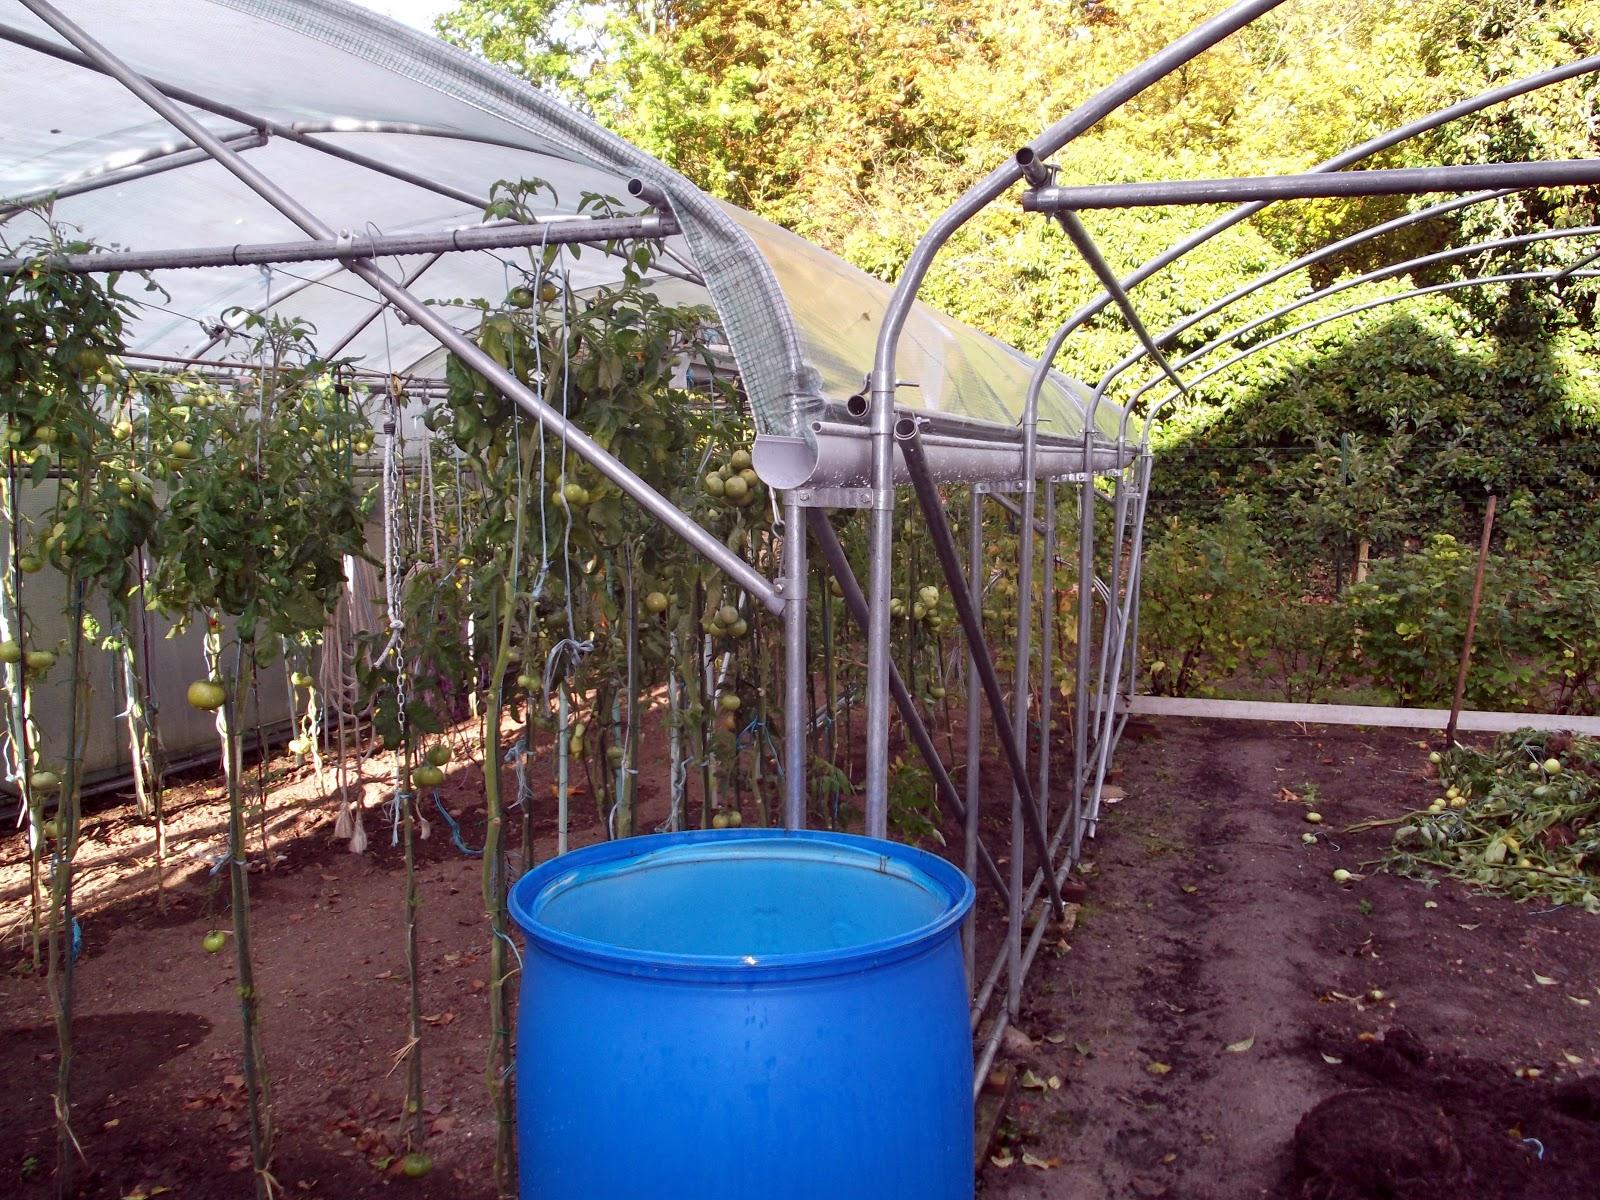 passion tomates r am nagement des serres pour 2013 tout en pieds droit et r cup ration de l. Black Bedroom Furniture Sets. Home Design Ideas